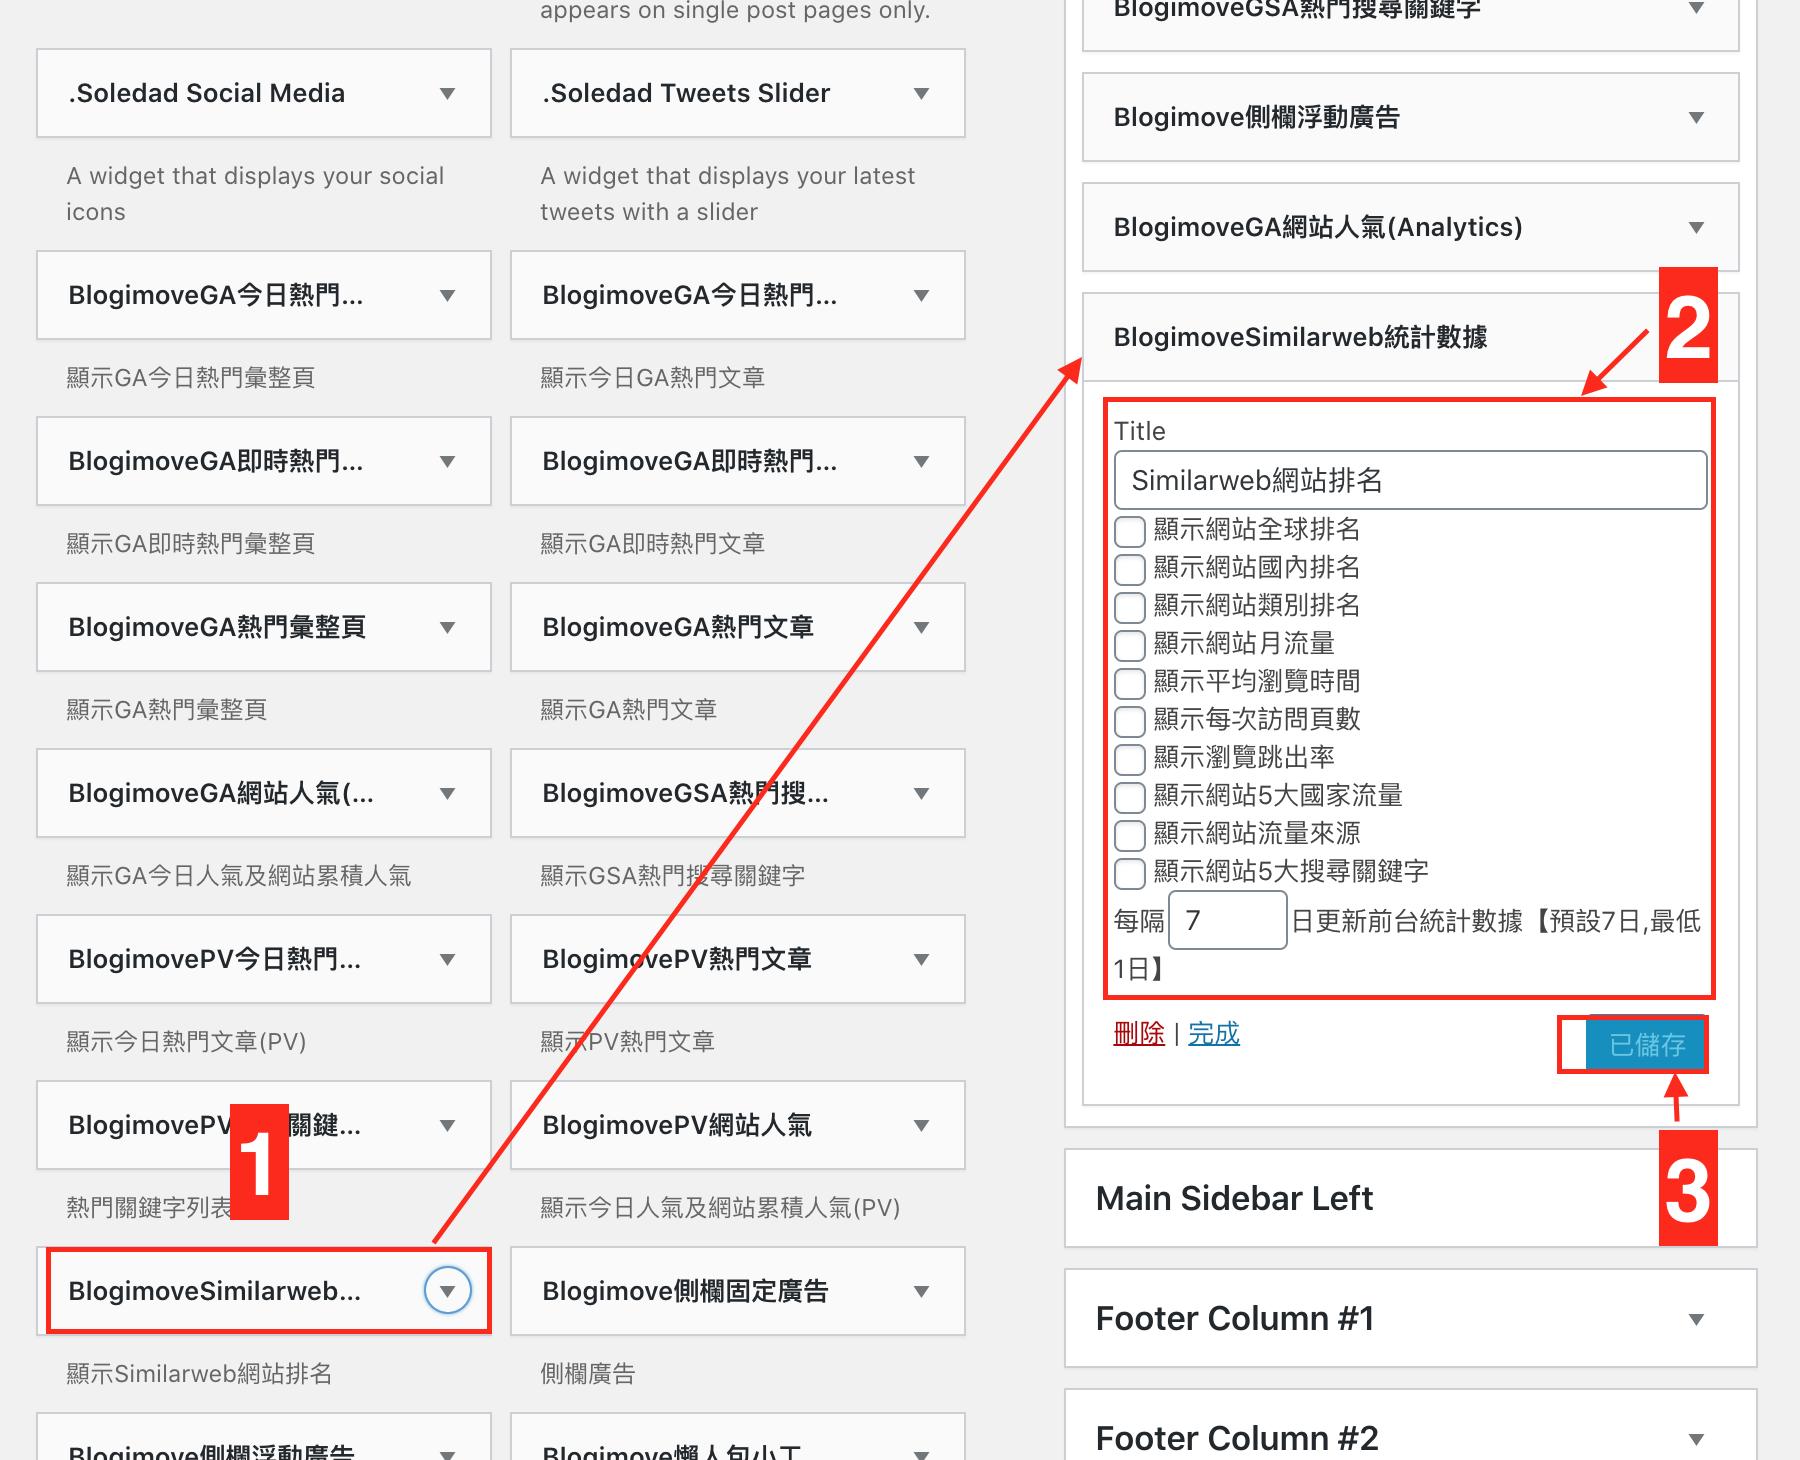 Blogimove外掛|整合Similarweb網站統計資料,輕鬆掌握網站目前排名 @Blog-i-Move